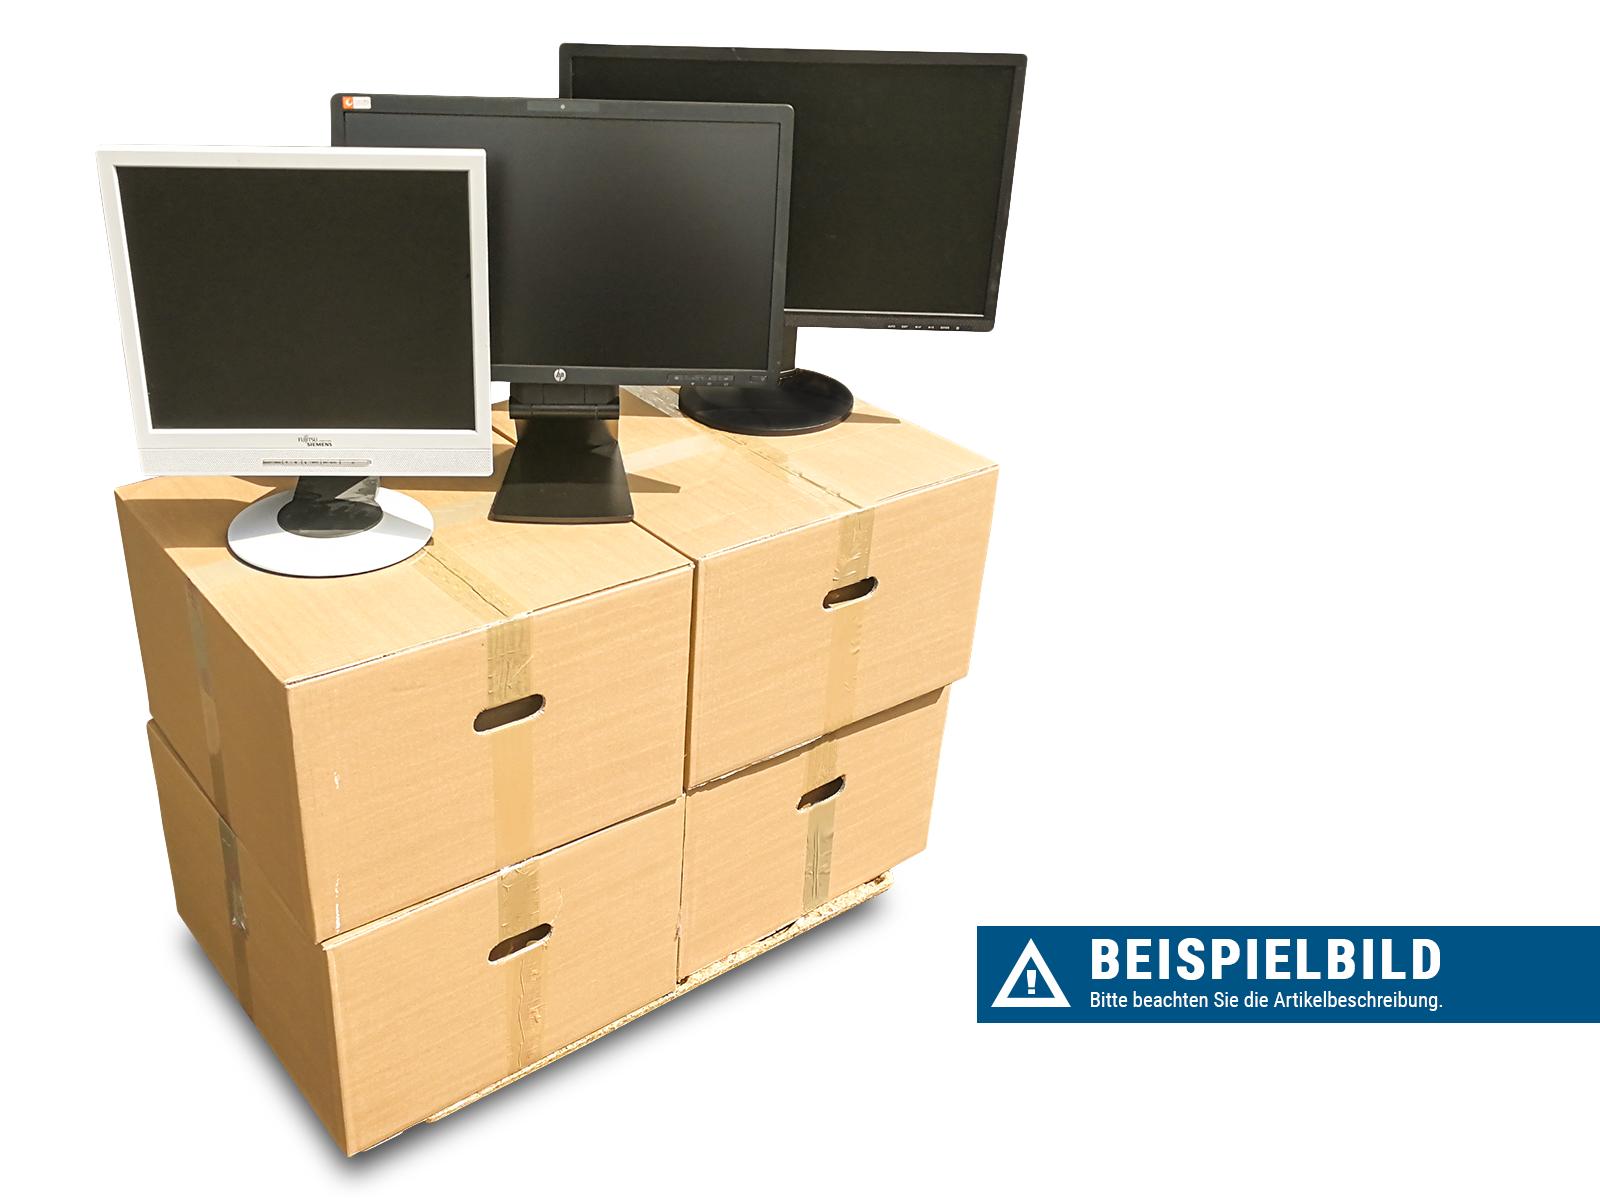 TFT PAKET: 143 Stück lt. Liste - Ohne Gewähr auf Vollständigkeit und Funktionsfähigkeit - Ungetestet direkt vom Endanwender - shop.bb-net.de